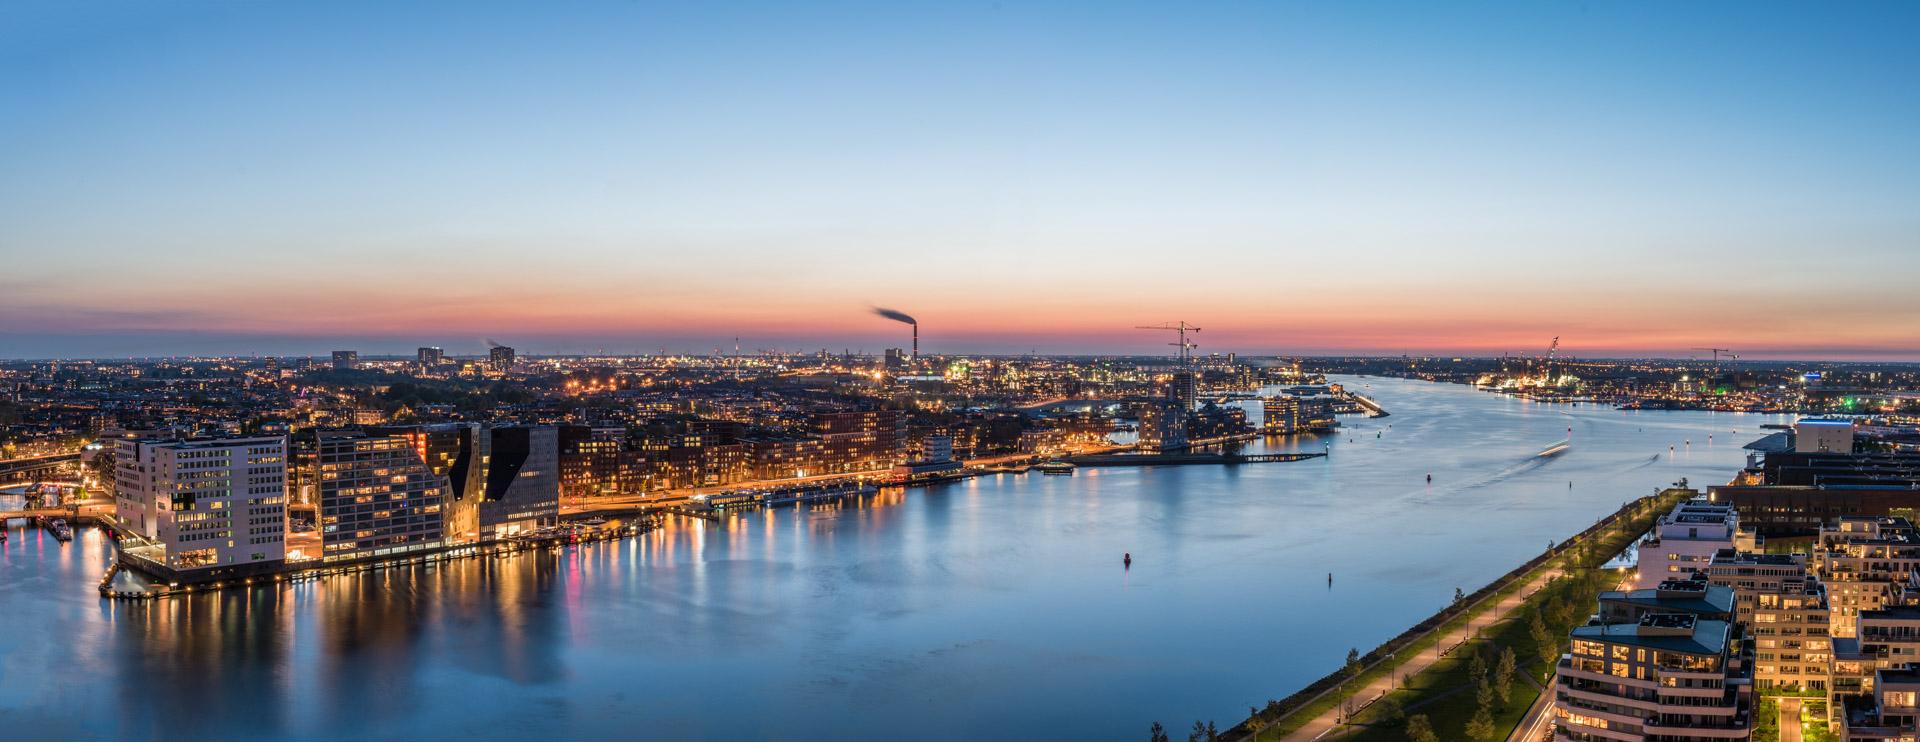 Nachtelijk Amsterdam, avondfotografie Amsterdam, avondfoto's Amsterdam, nachtfotografie Amsterdam, A'DAM Toren, uitzicht, panorama